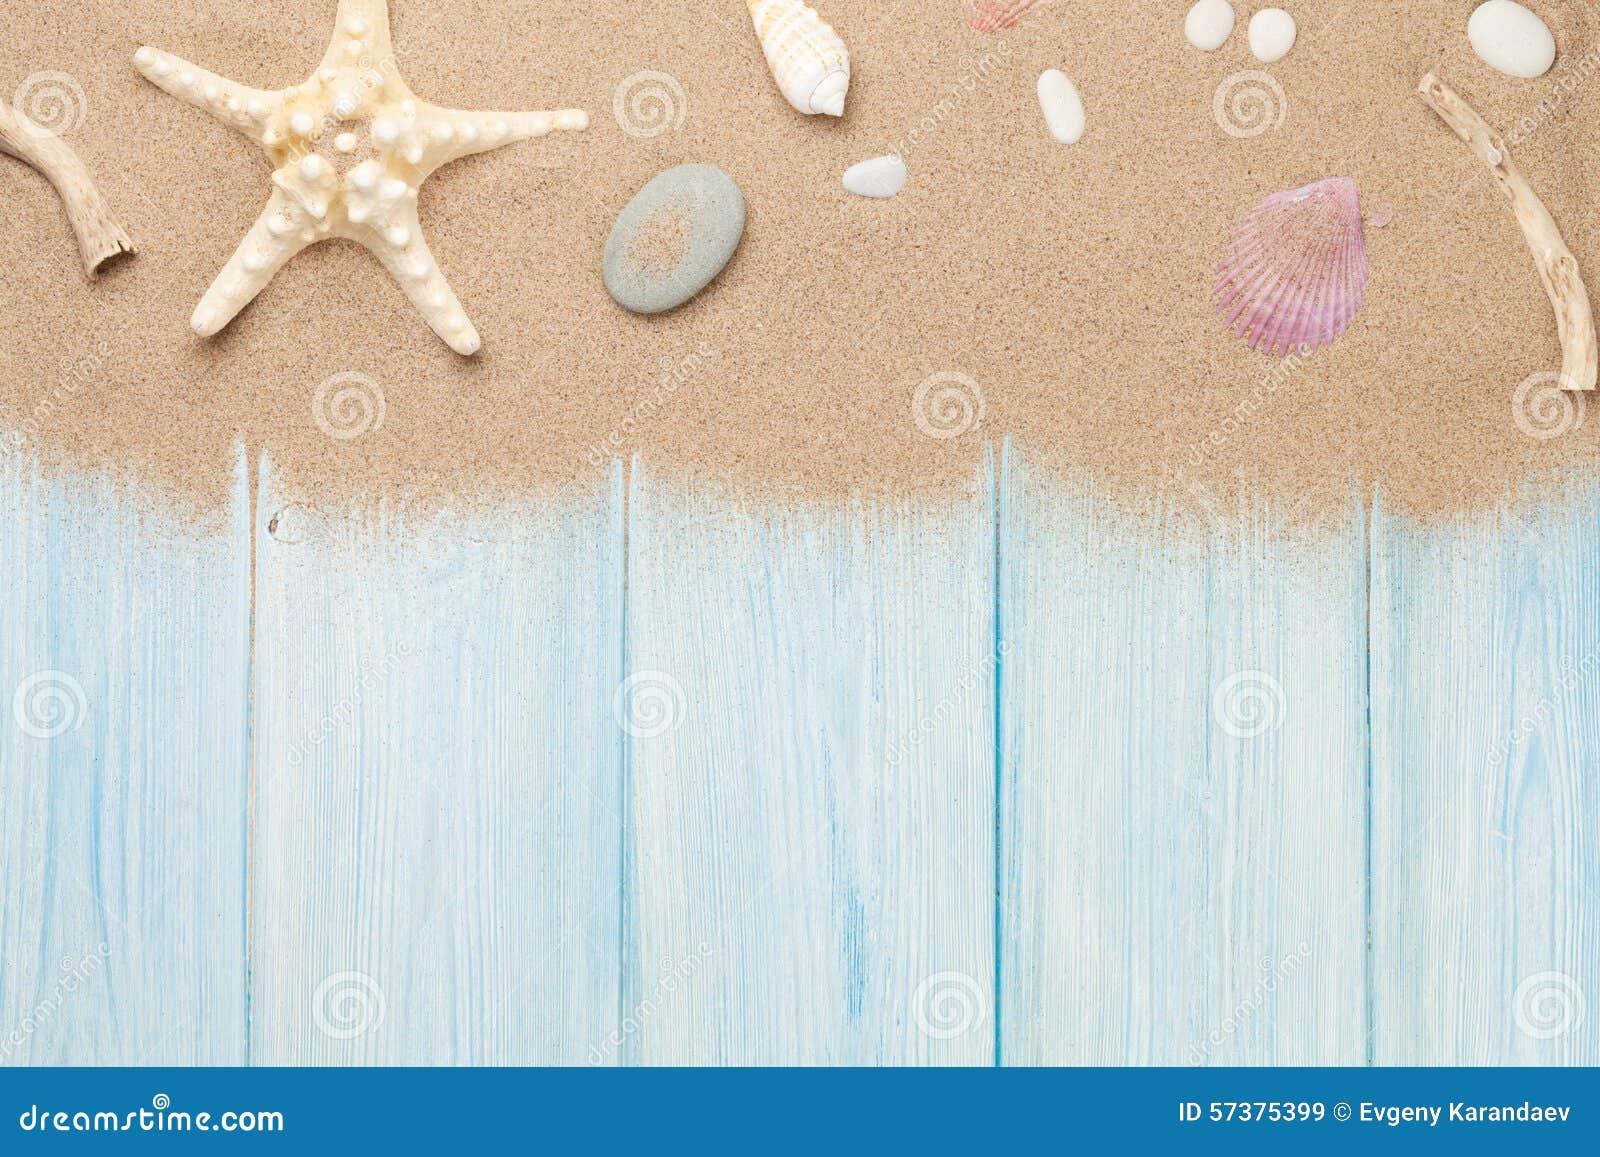 Overzees zand met zeester en shells